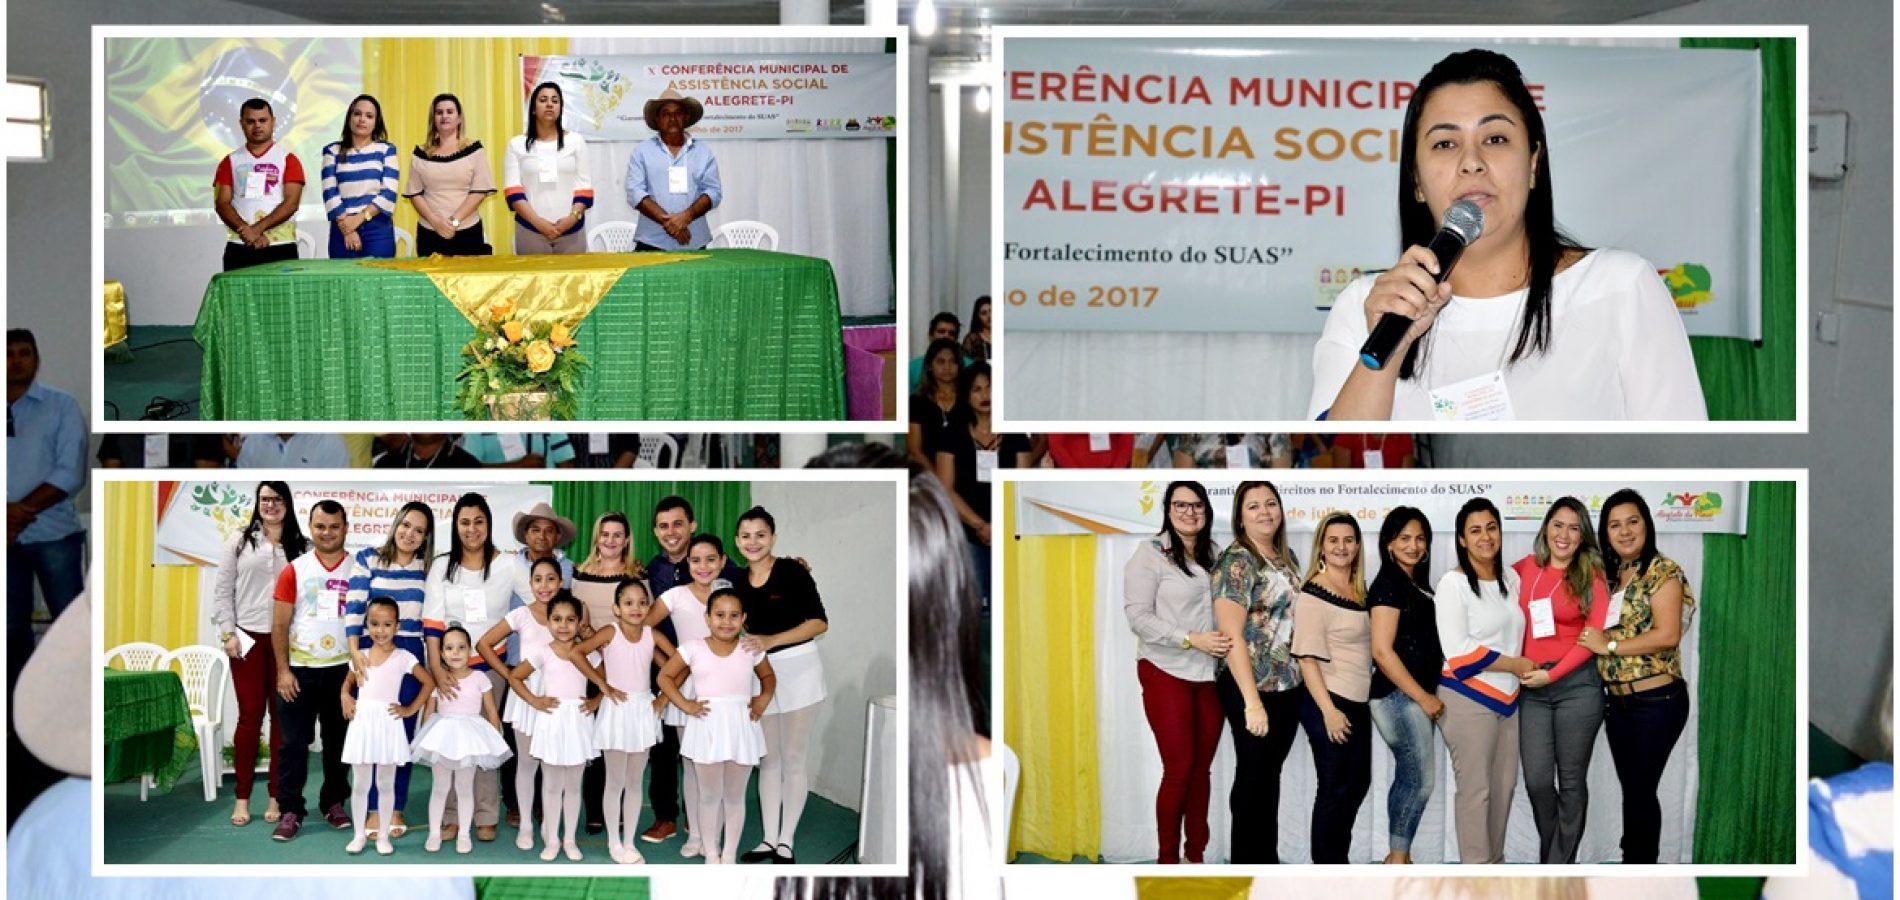 ALEGRETE | Assistência Social discute Garantia de Direitos no Fortalecimento do SUAS na 10ª Conferência Municipal; fotos